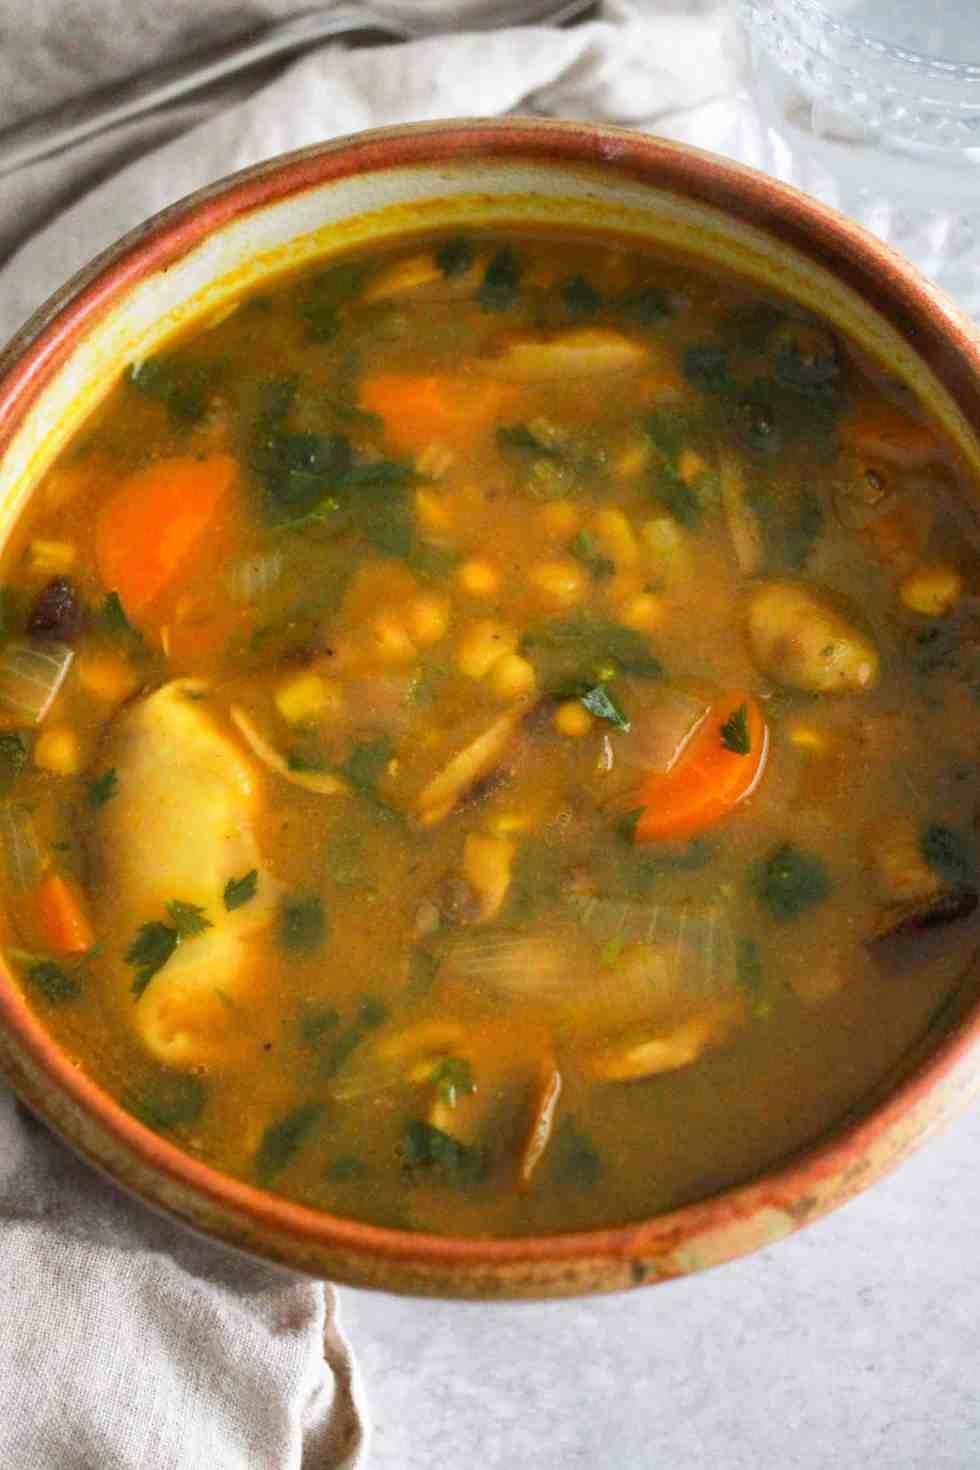 Yellow split pea soup in brown ceramic bowl.